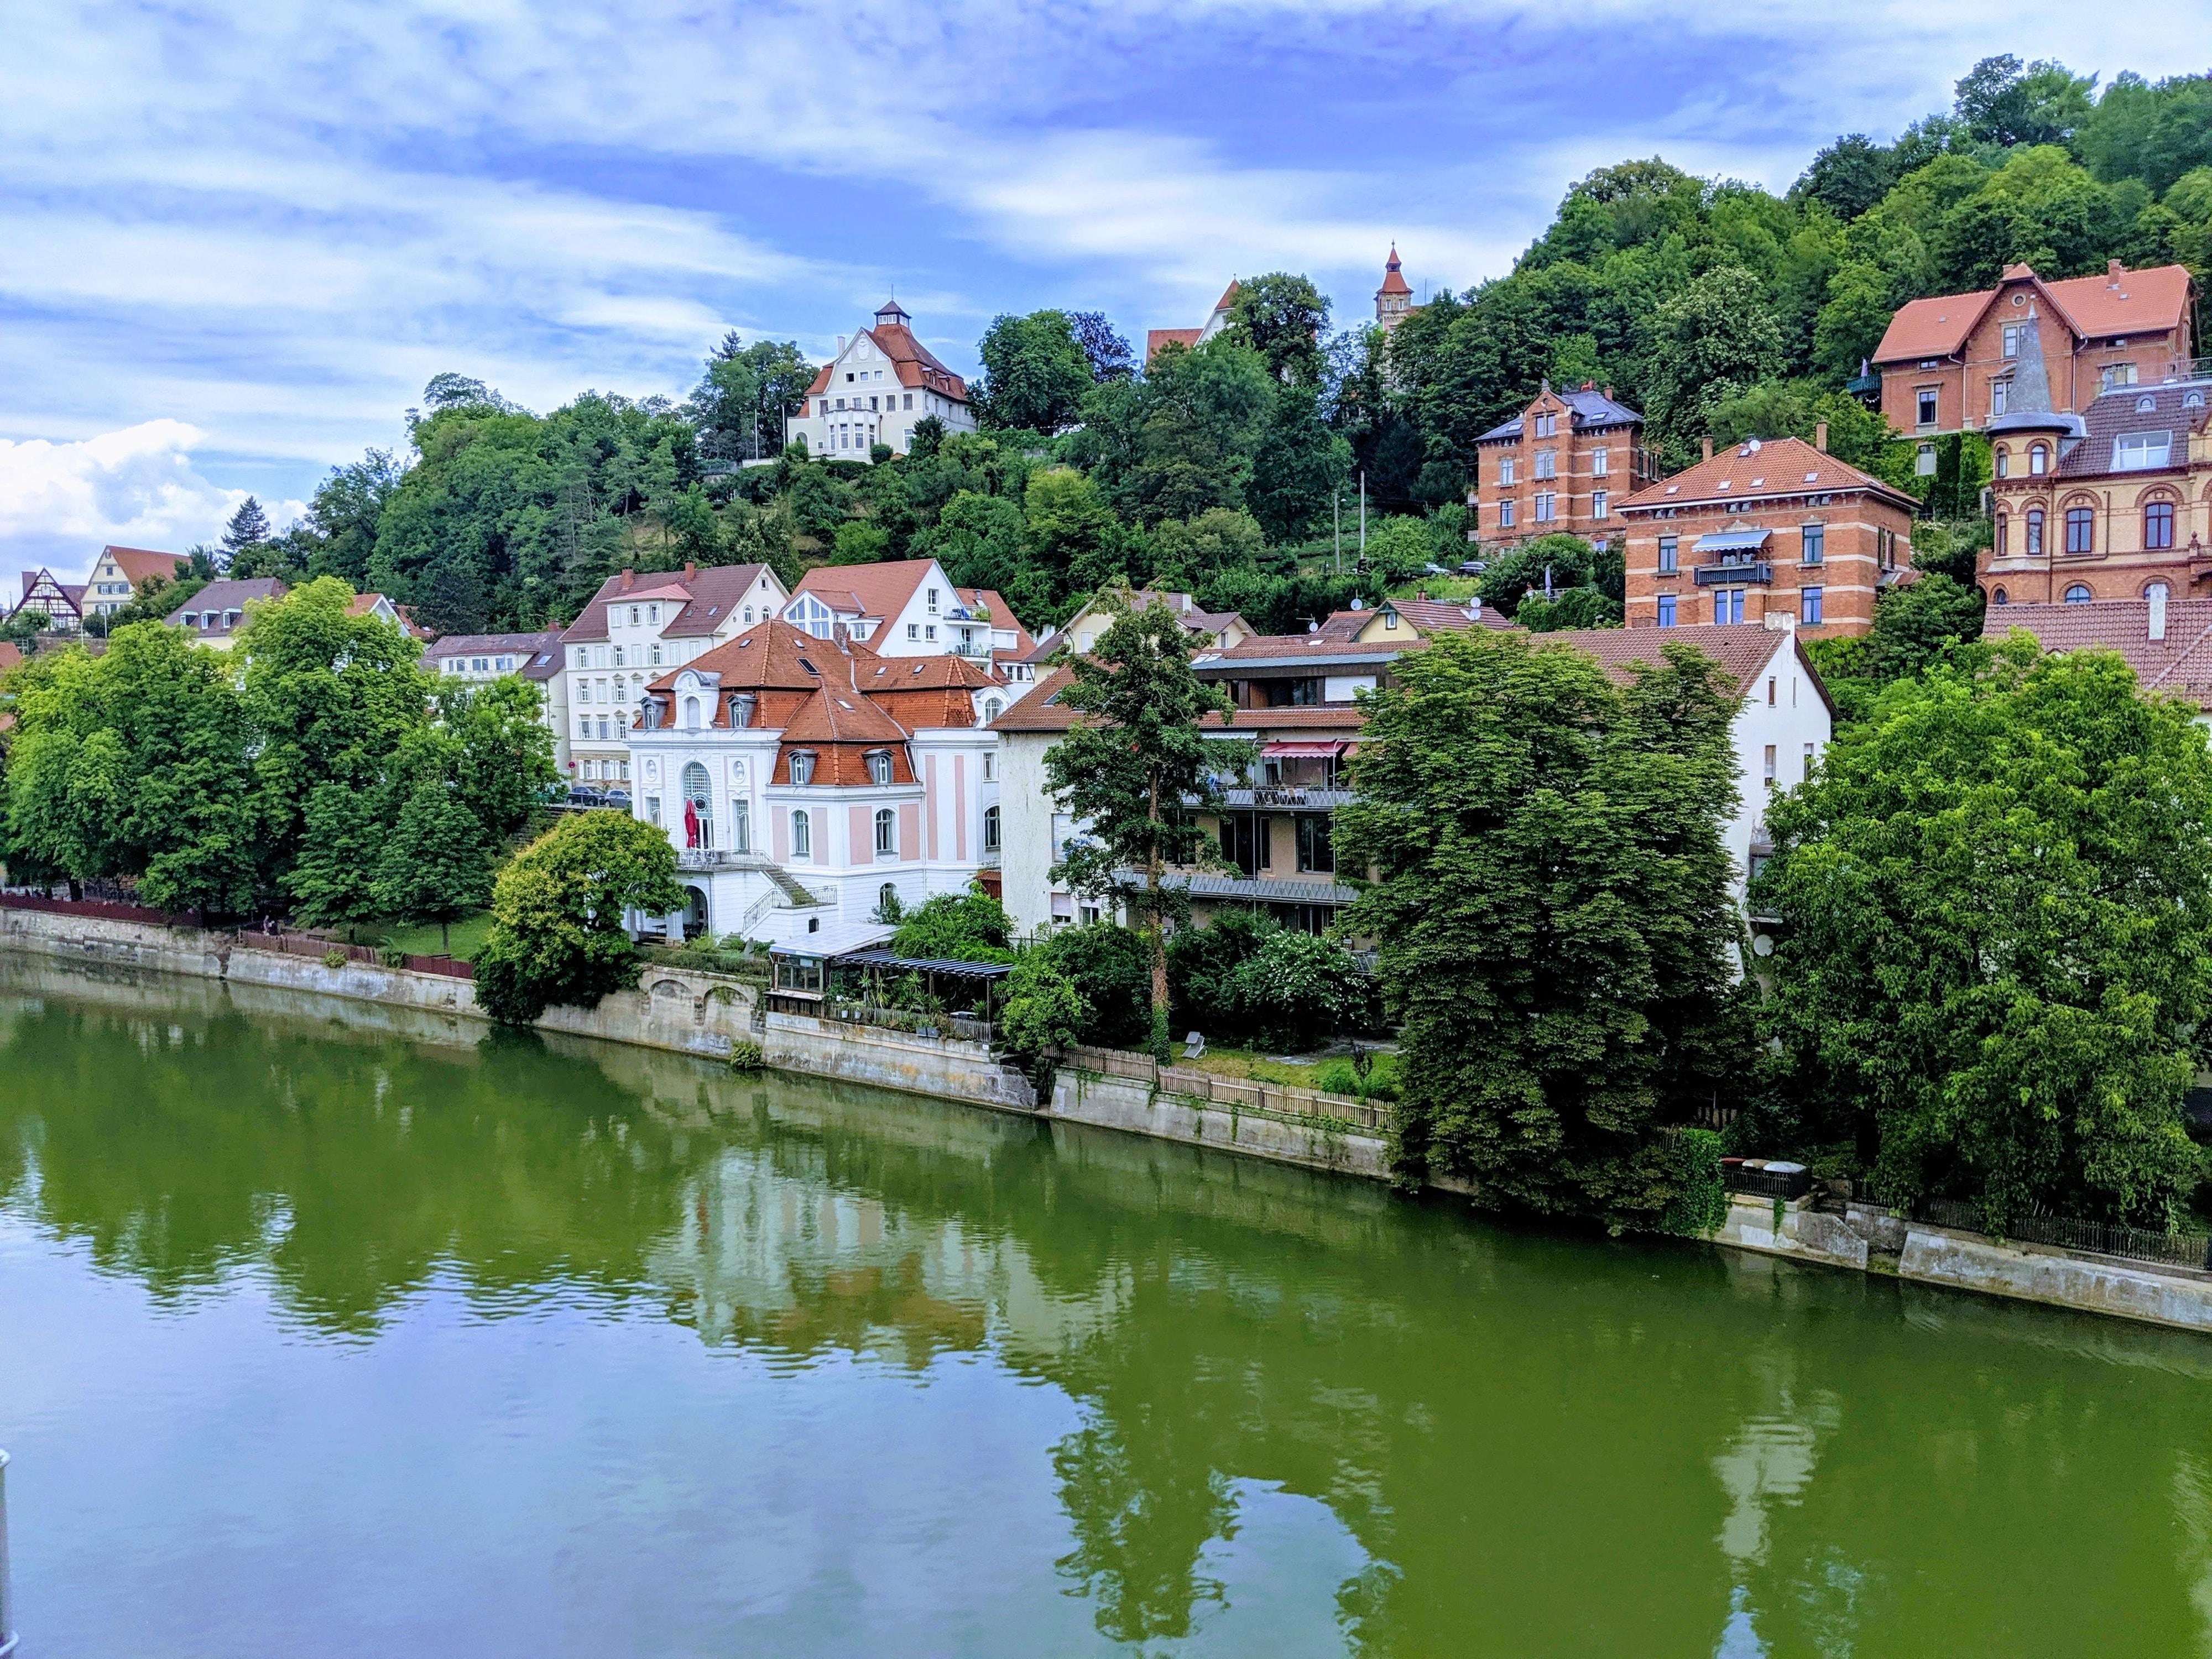 Liste der besten Architekten in Tübingen